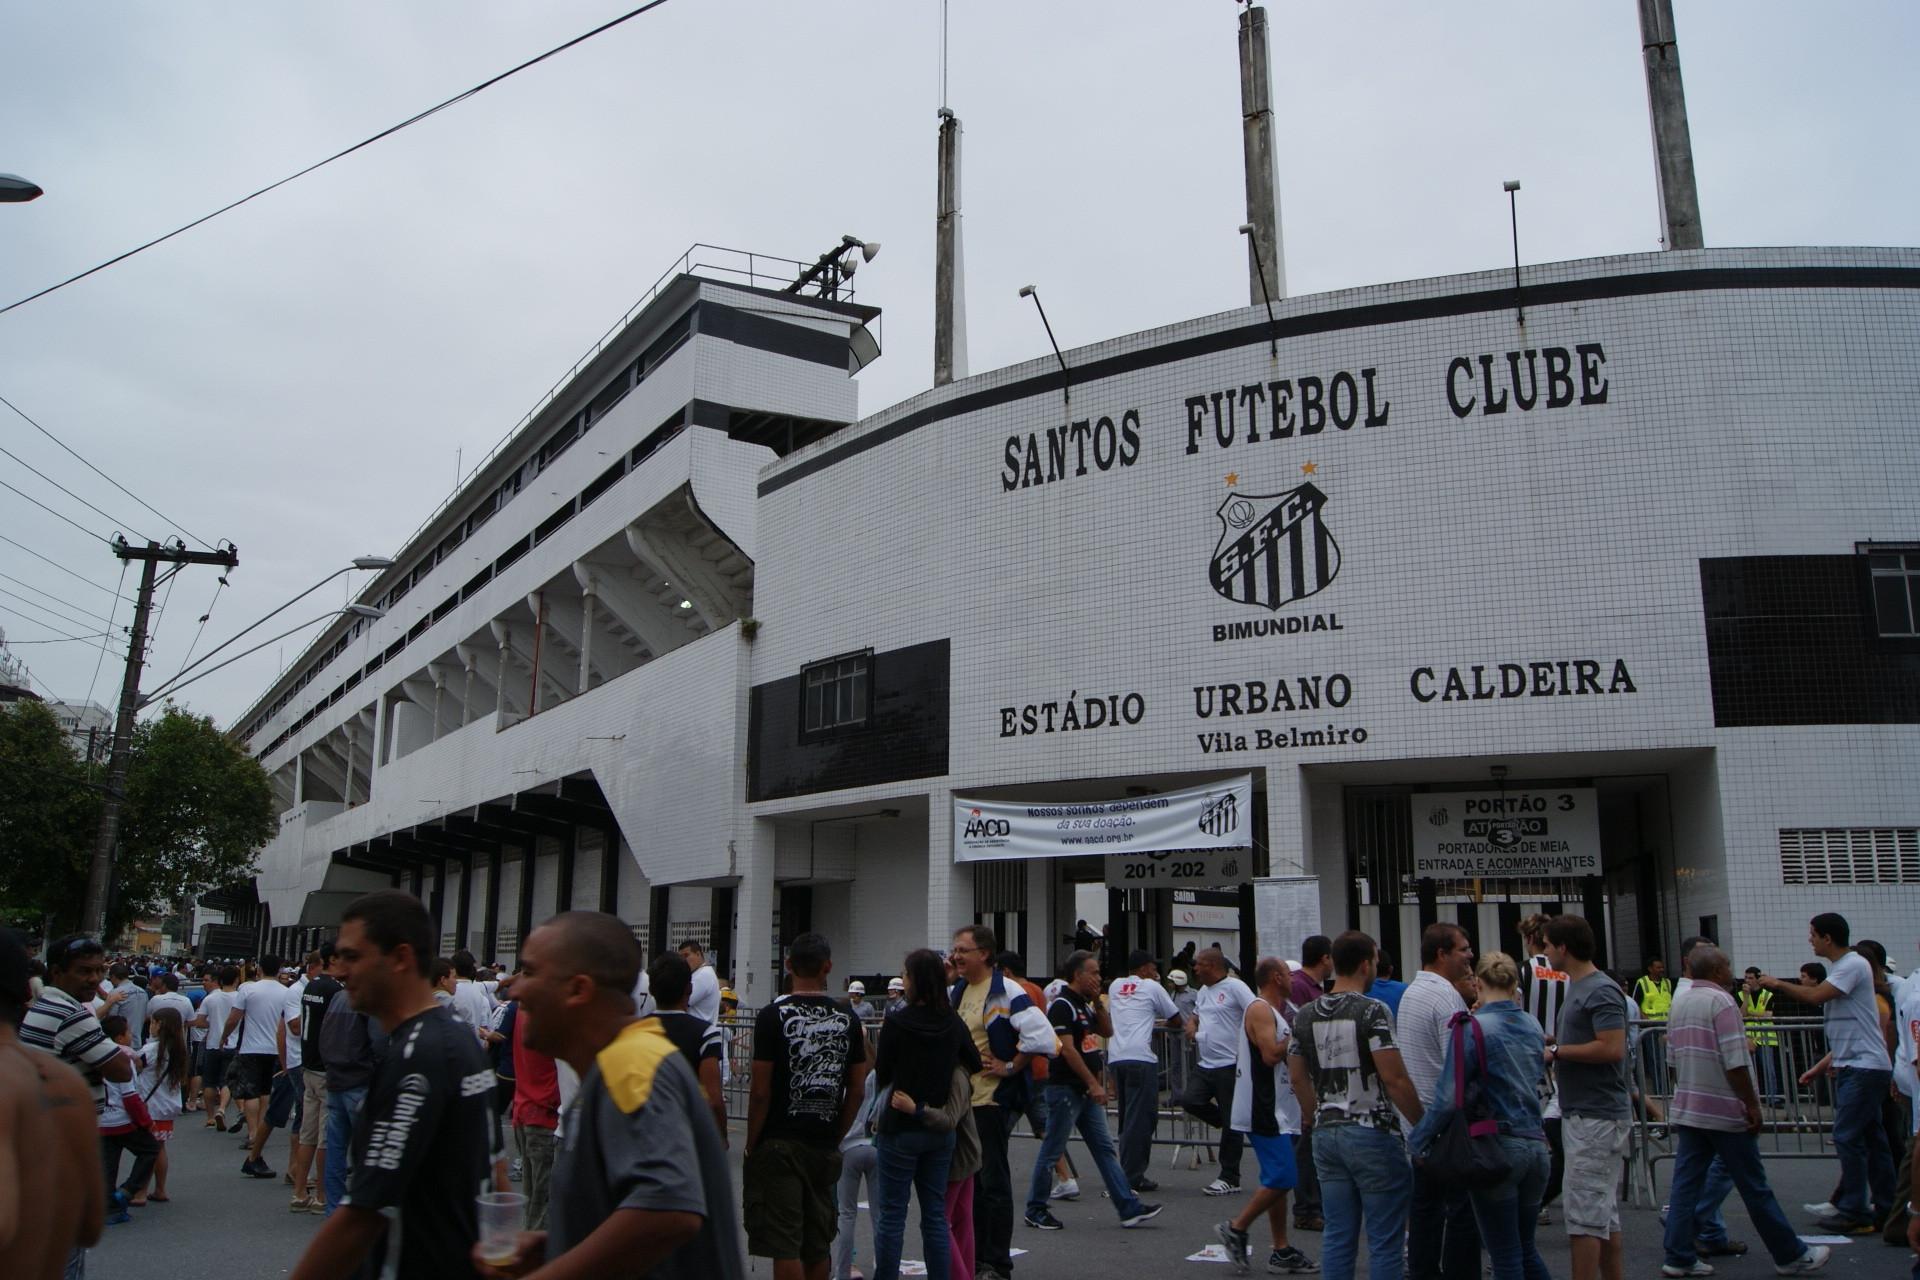 スタジアム正面 試合がある日のスタジアム周辺は、いつもこんな感じ(左...  沢田啓明のブラジル